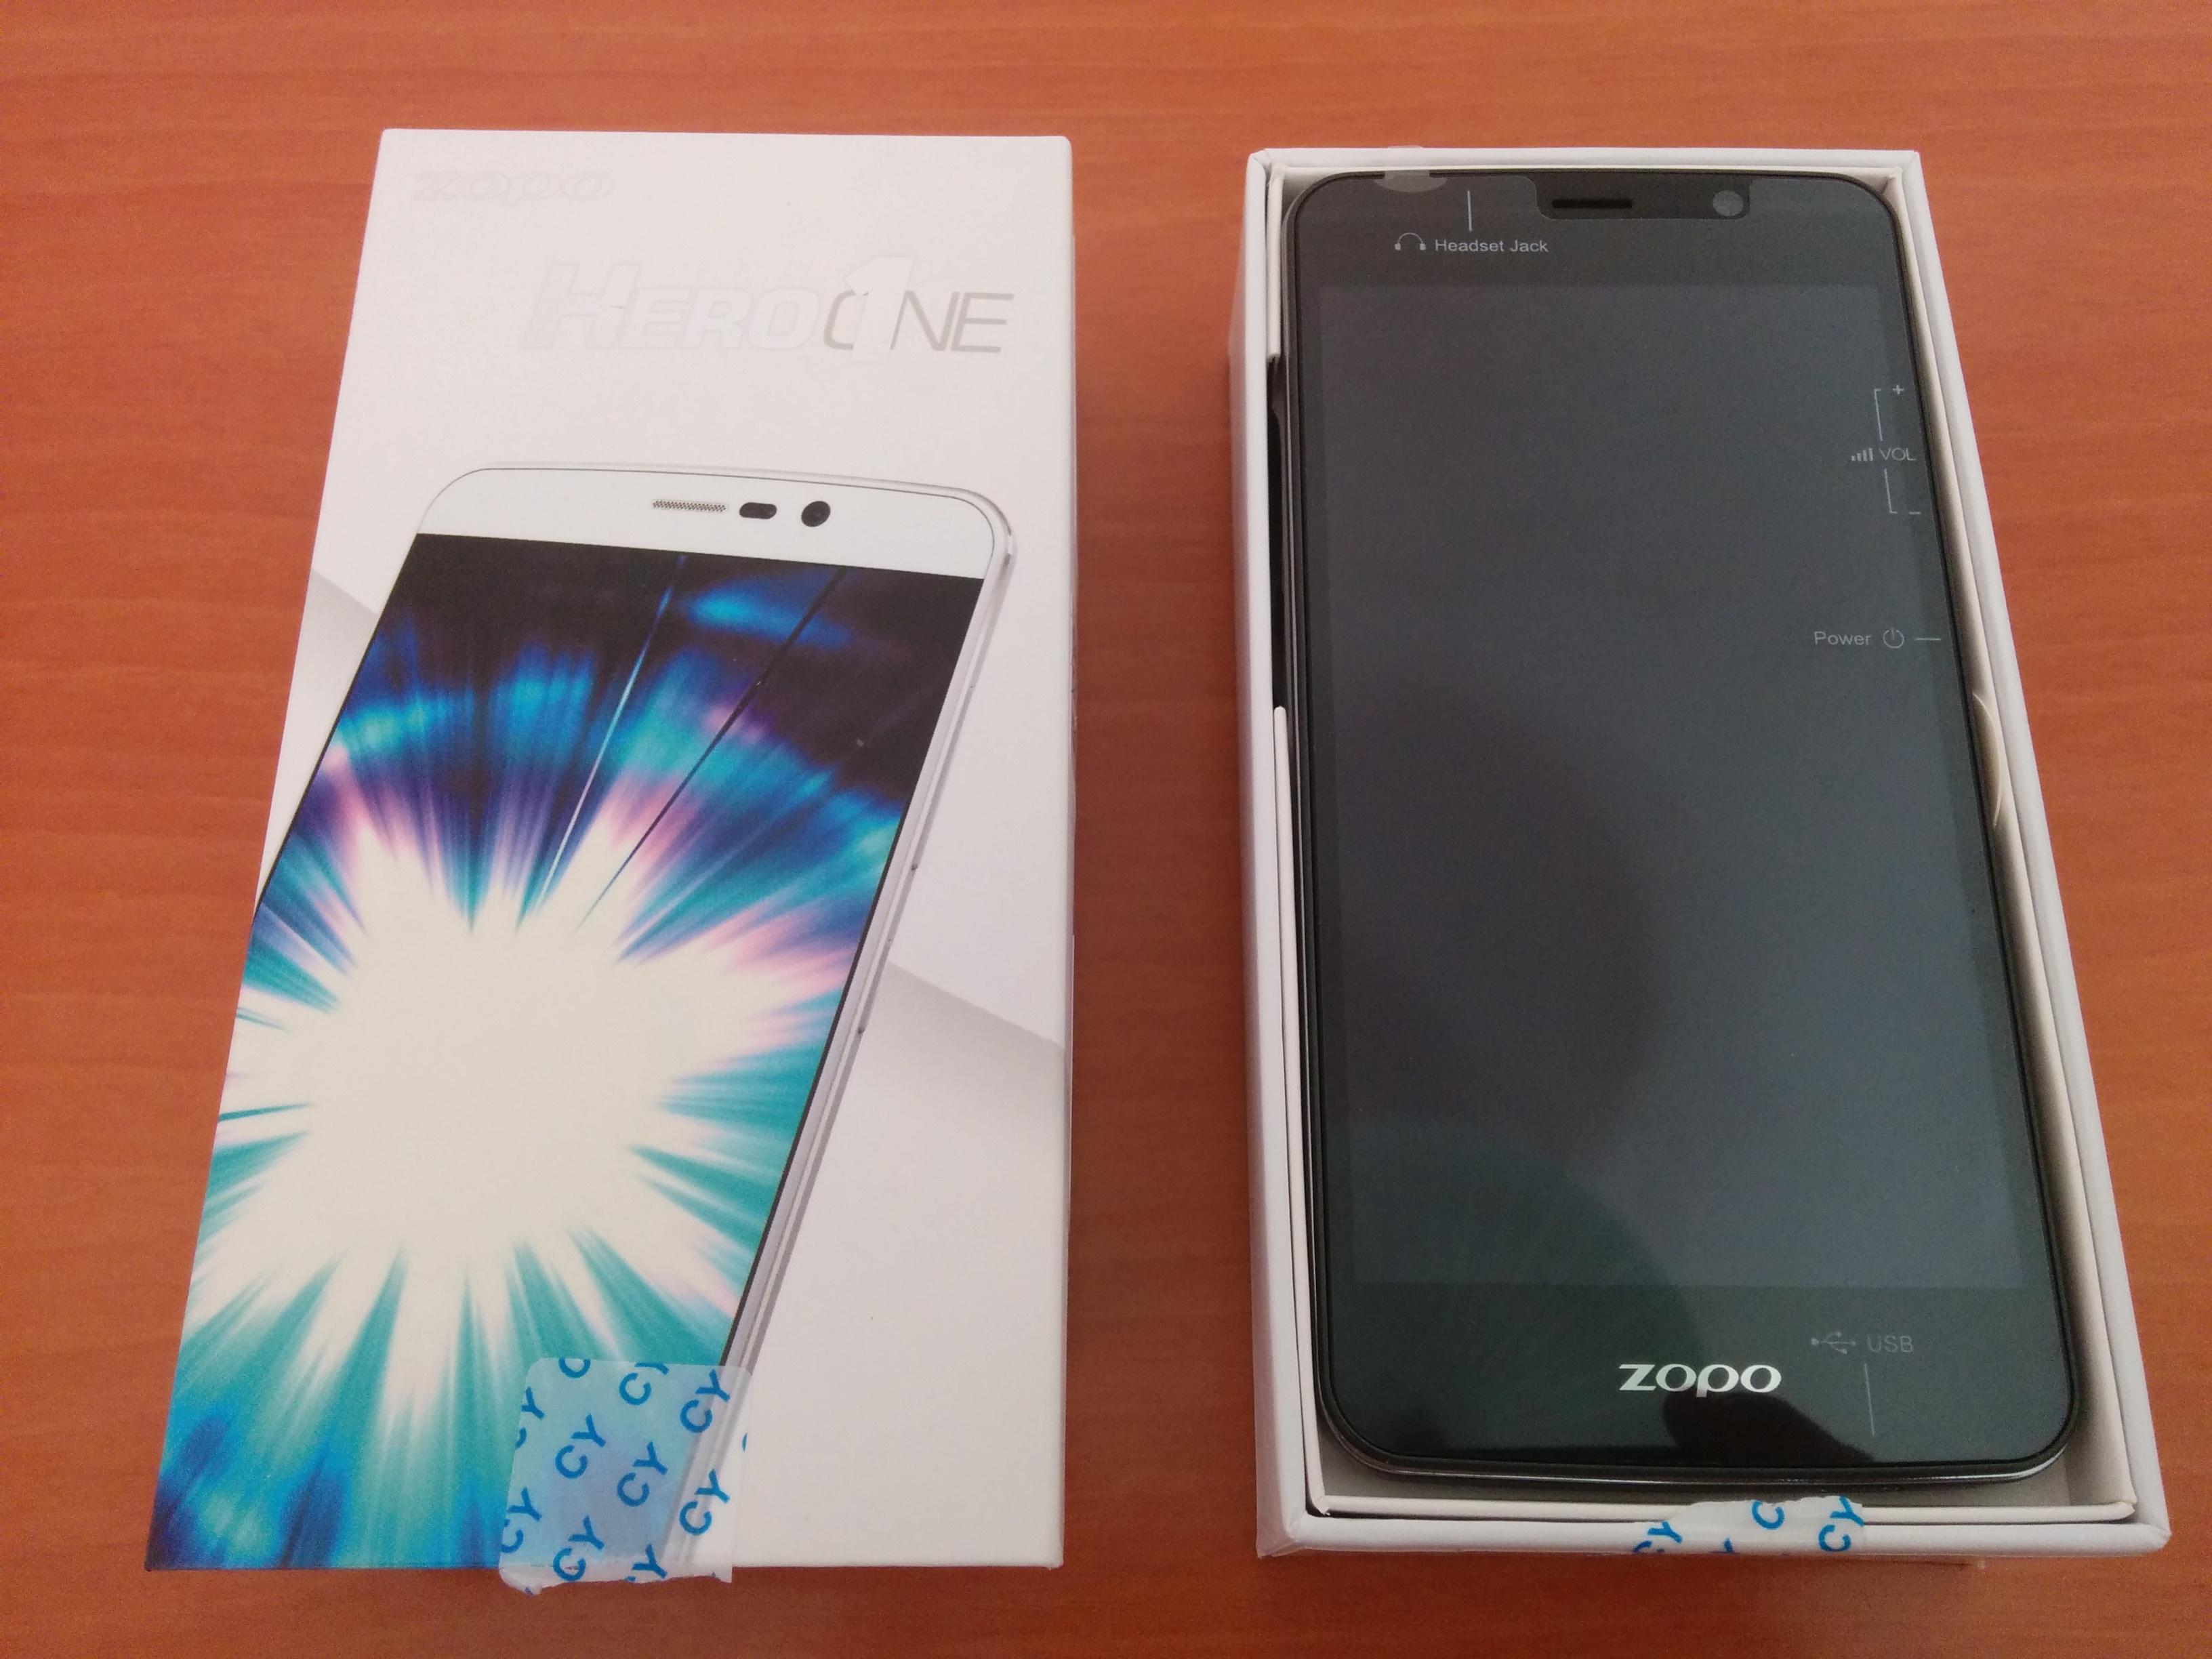 La caja del Zopo Hero 1 tiene el tamaño del smartphone.